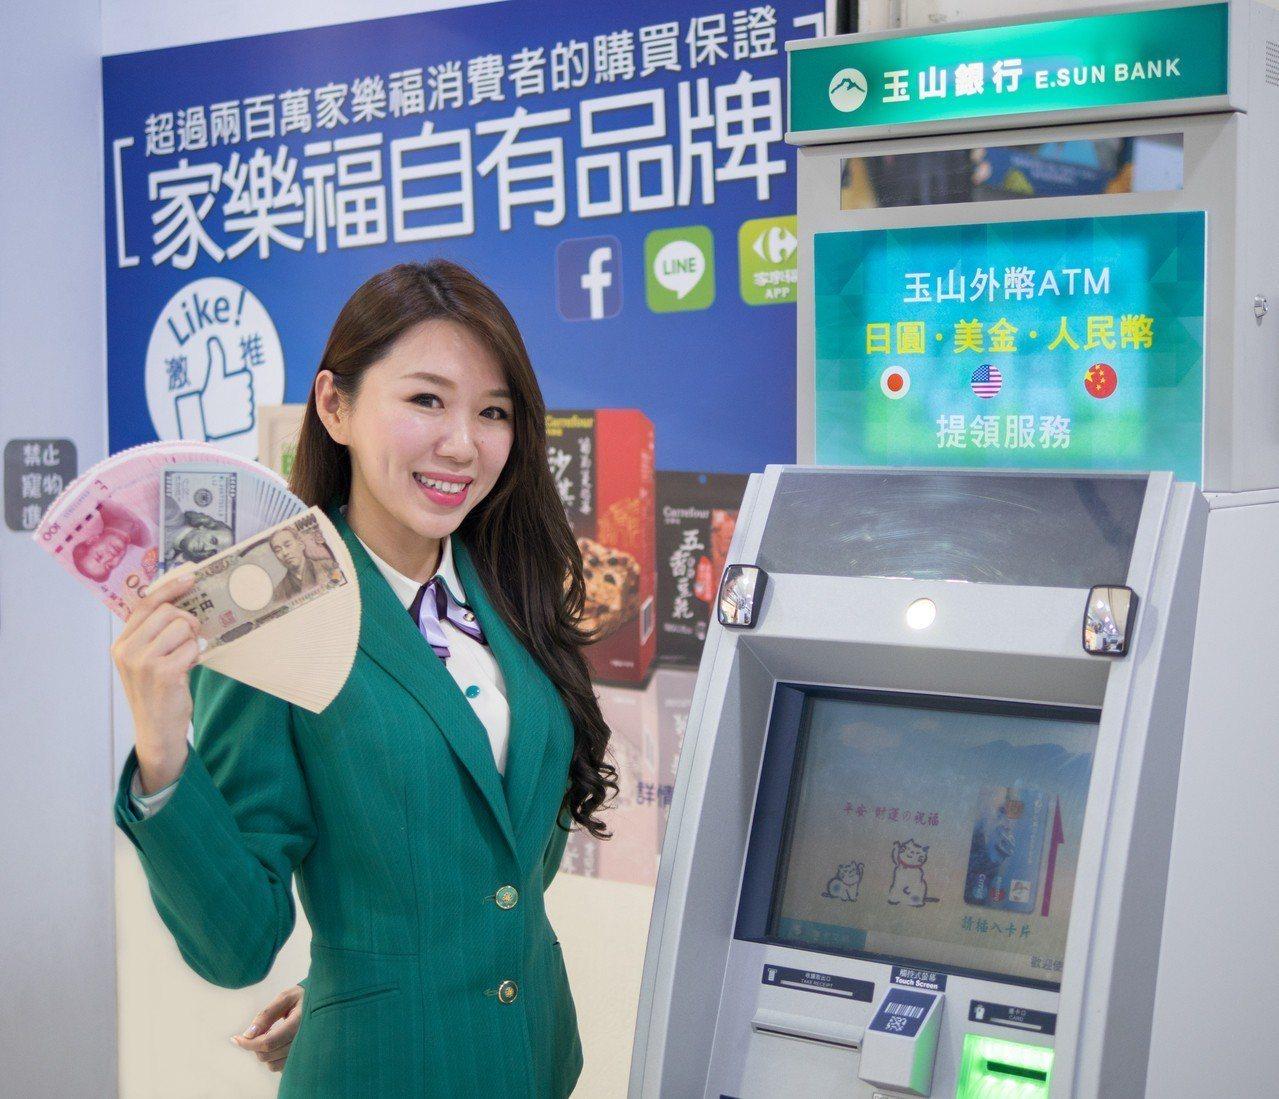 玉山「外幣ATM」讓未來旅遊更便利。圖/玉山銀行提供